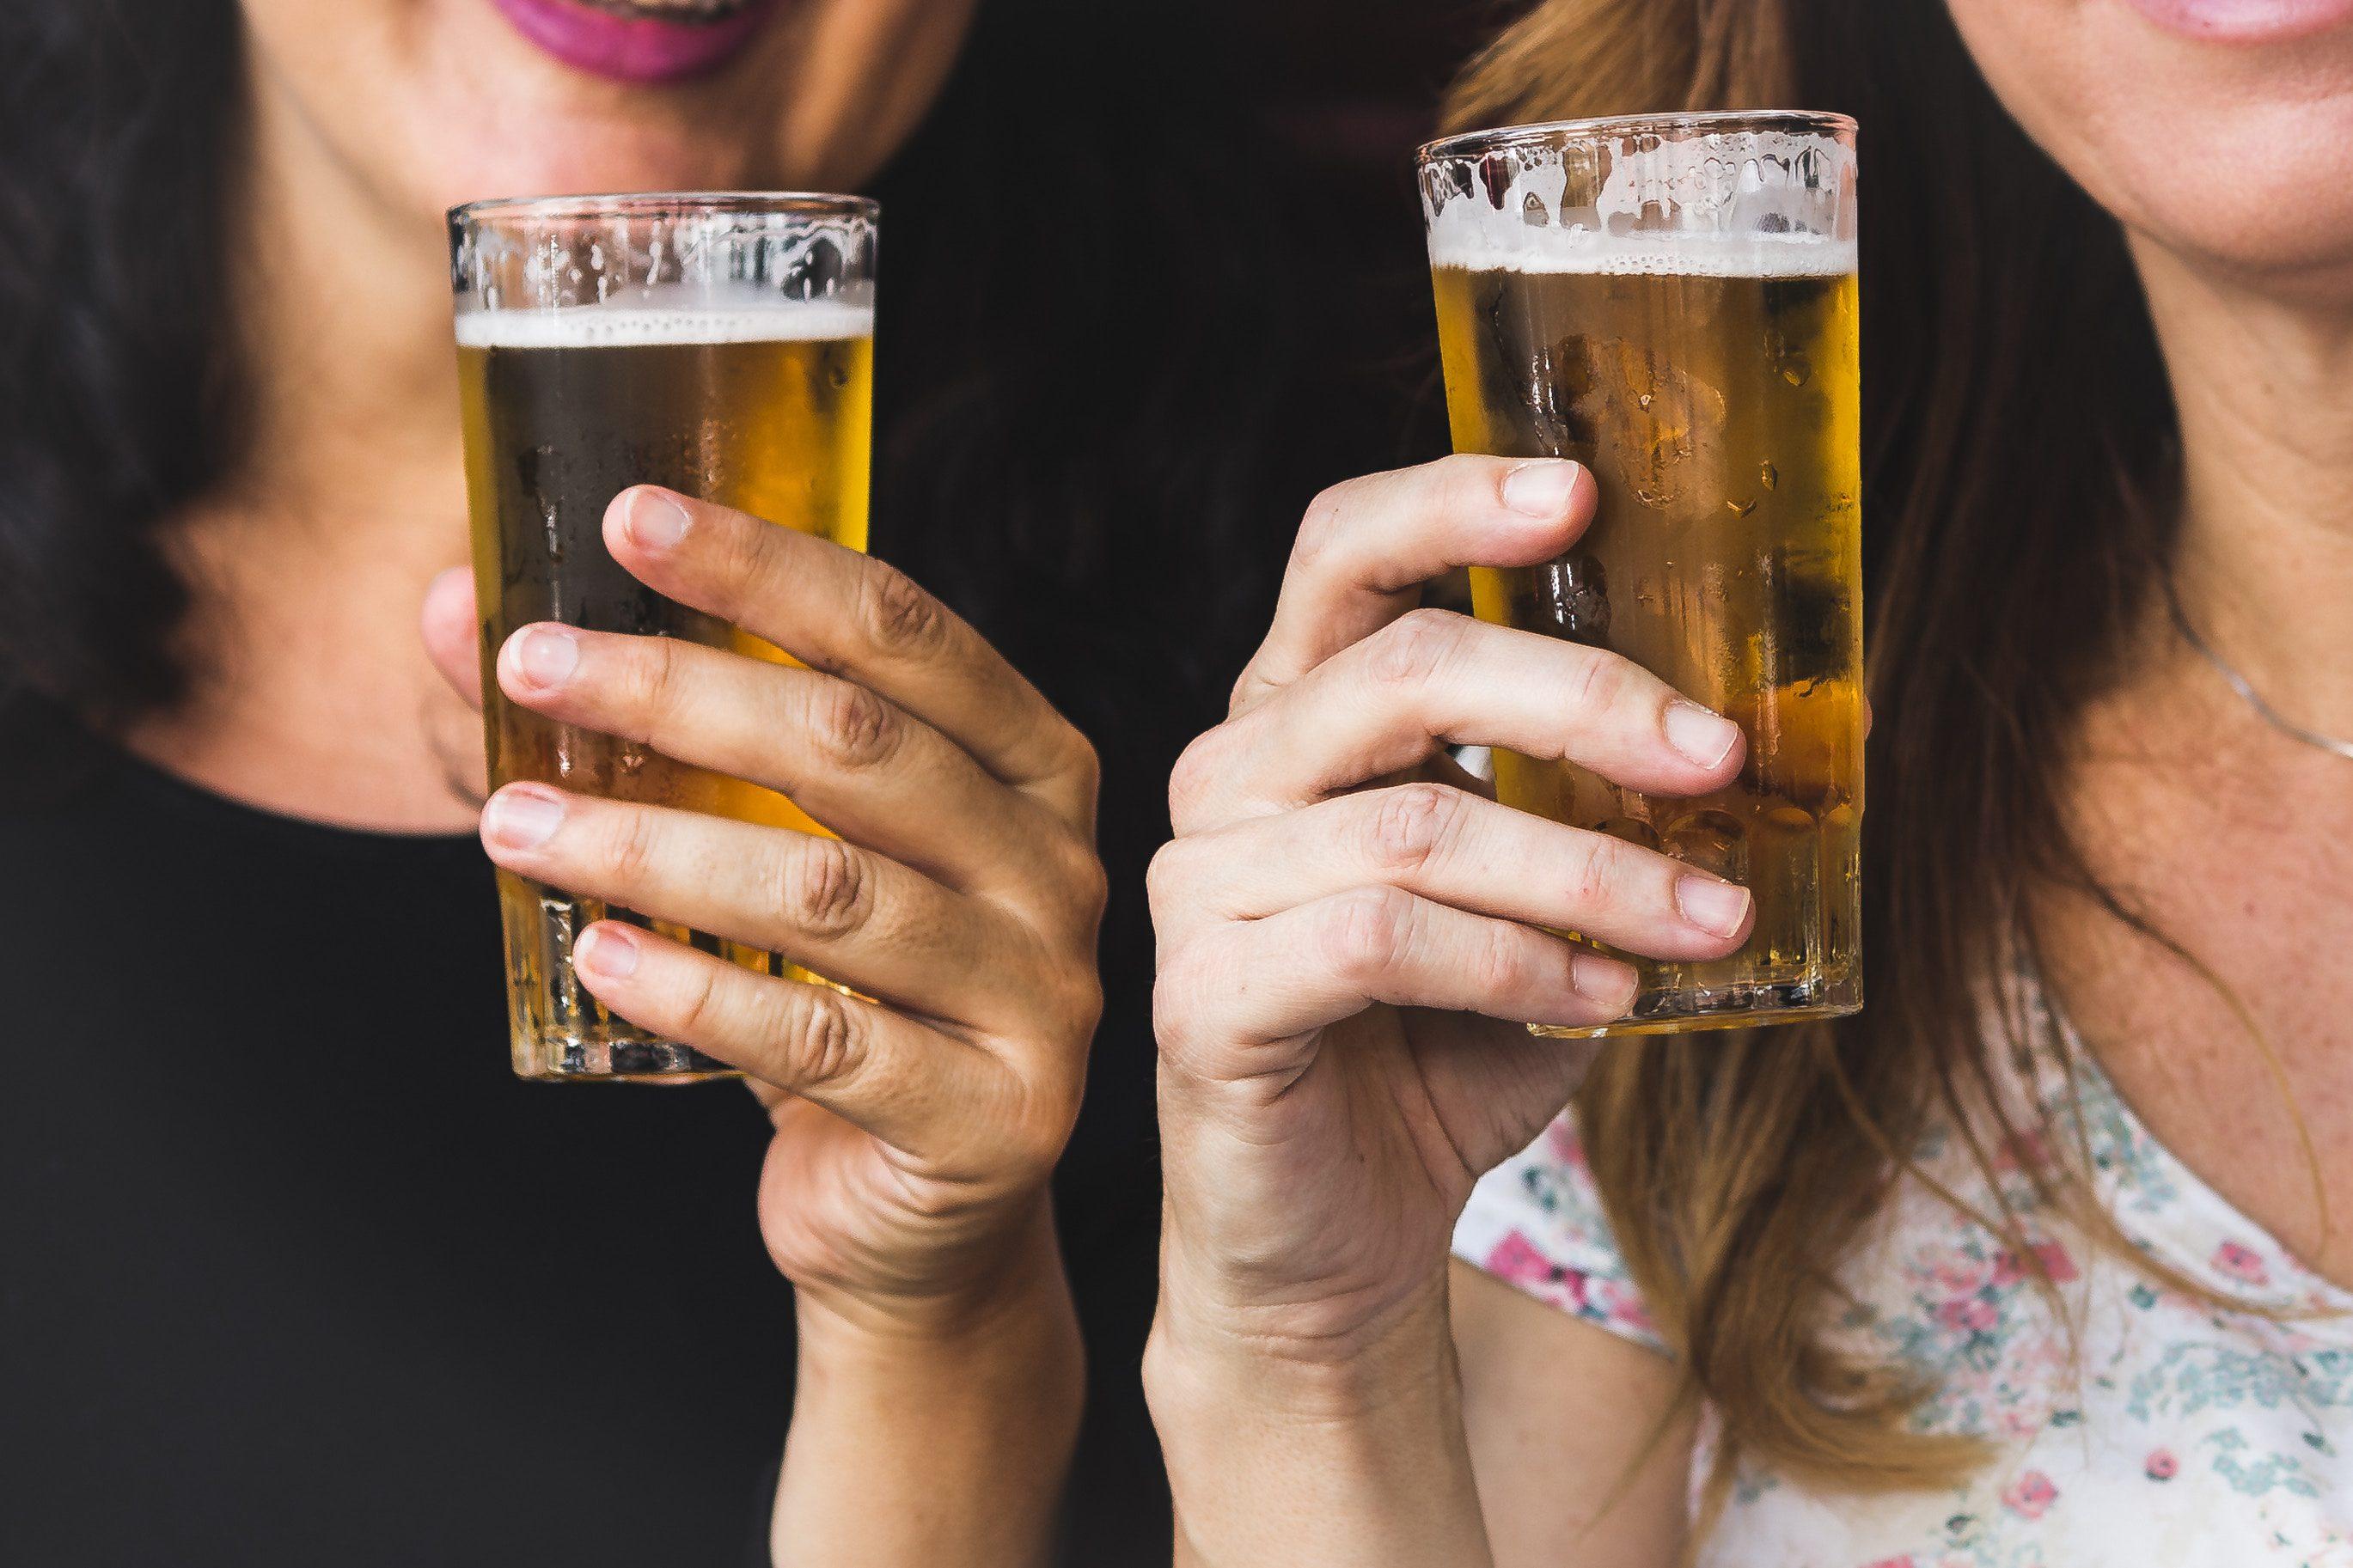 Cata de cerveza despedida de soltera